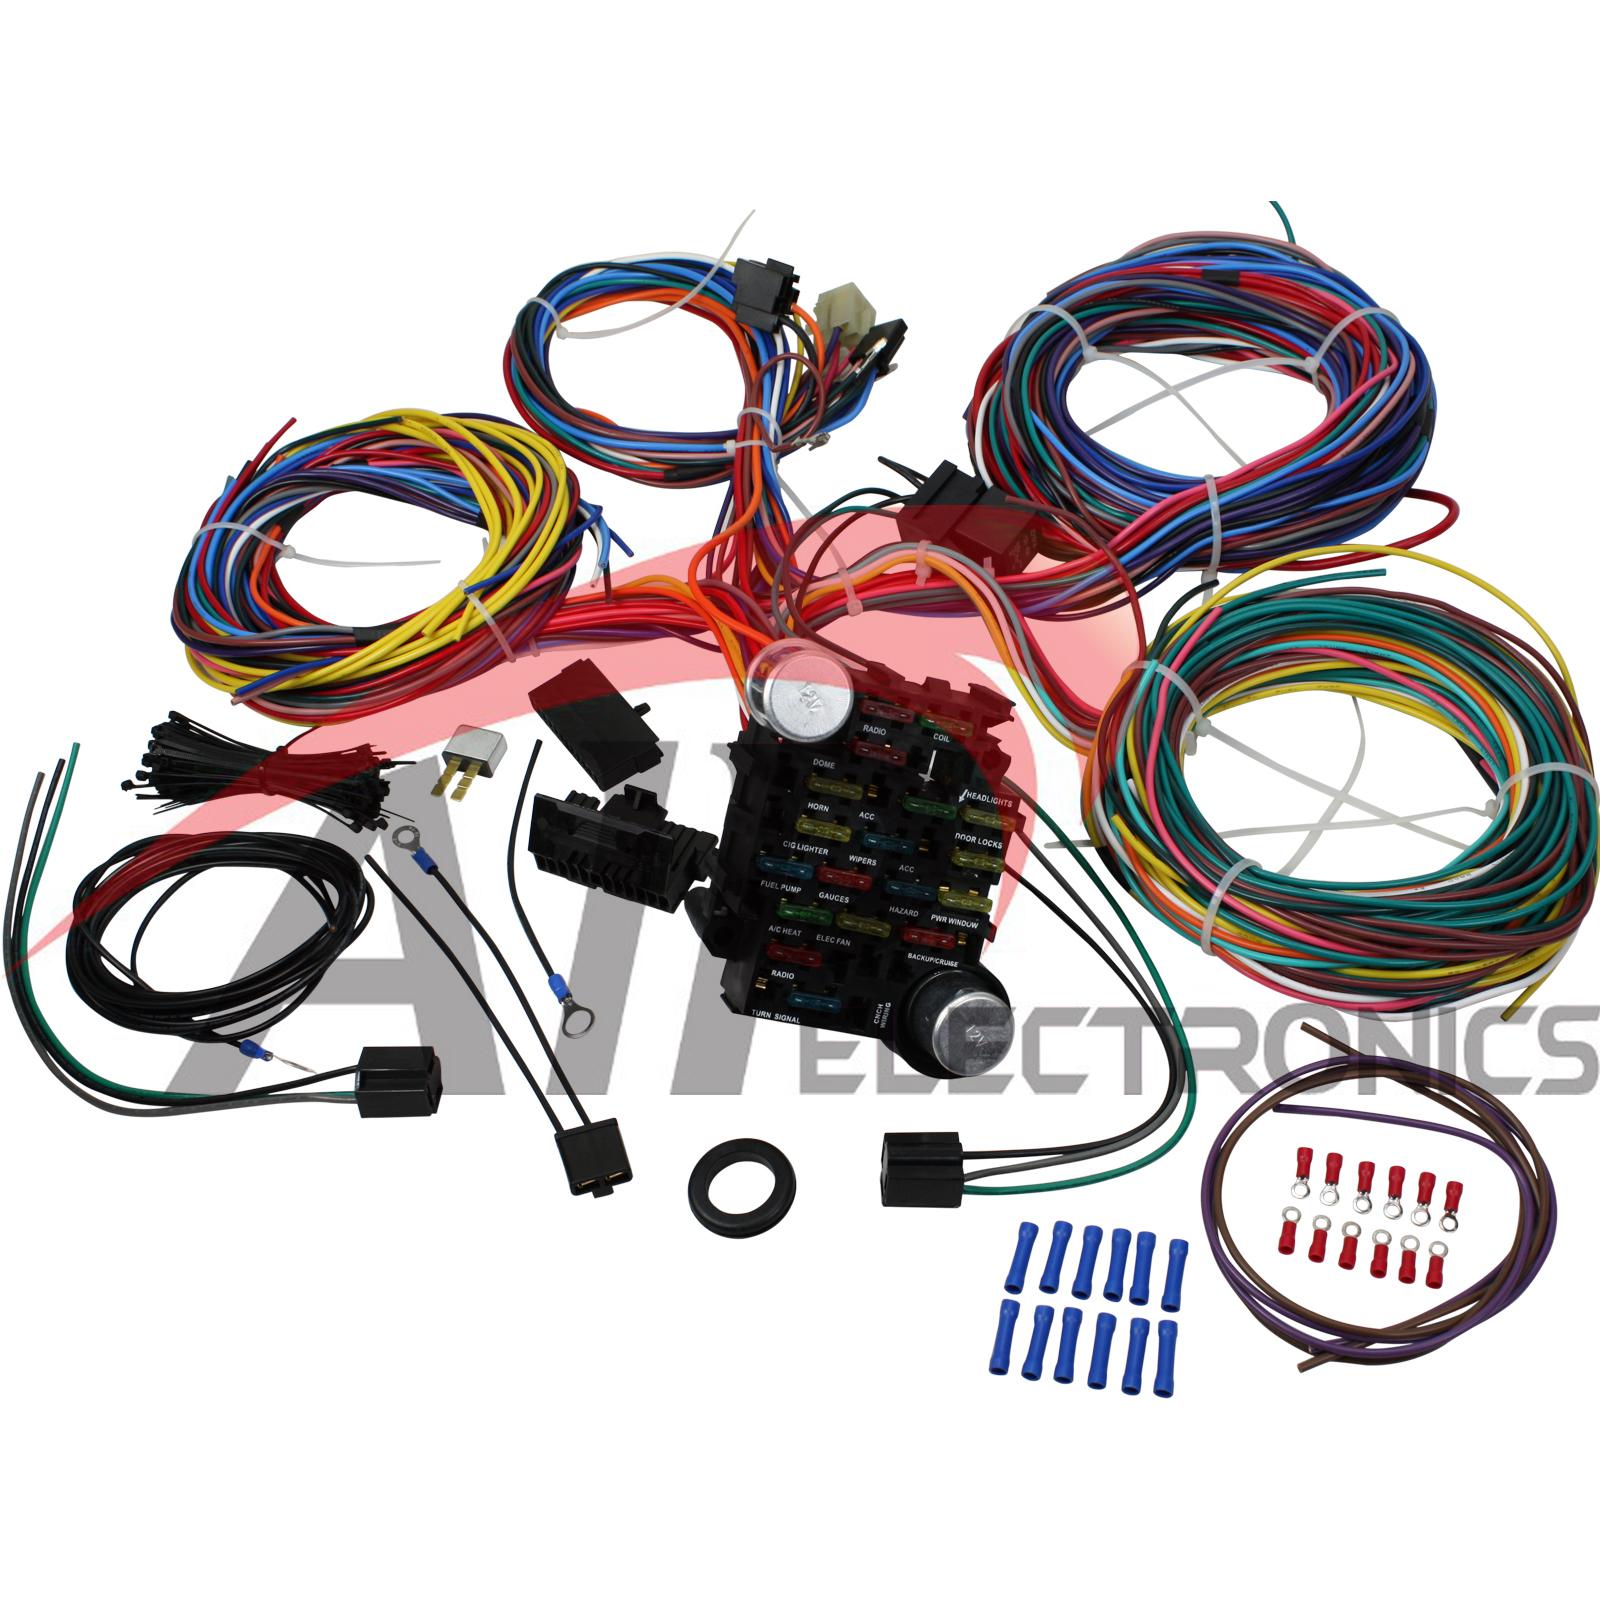 hd wallpapers pioneer radio deh 24ub wiring diagram [ 1600 x 1600 Pixel ]